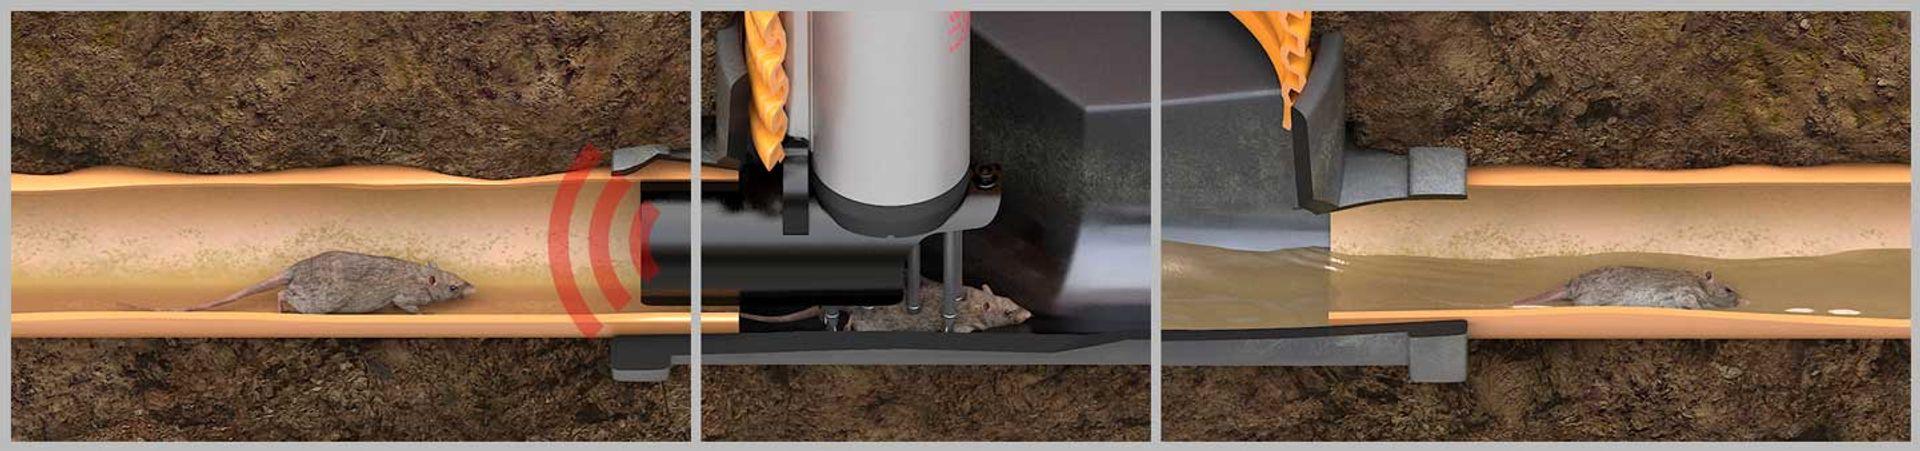 Smart Pipe -effektiv rottebekæmpelse i kloakkerne - fra Anticimex